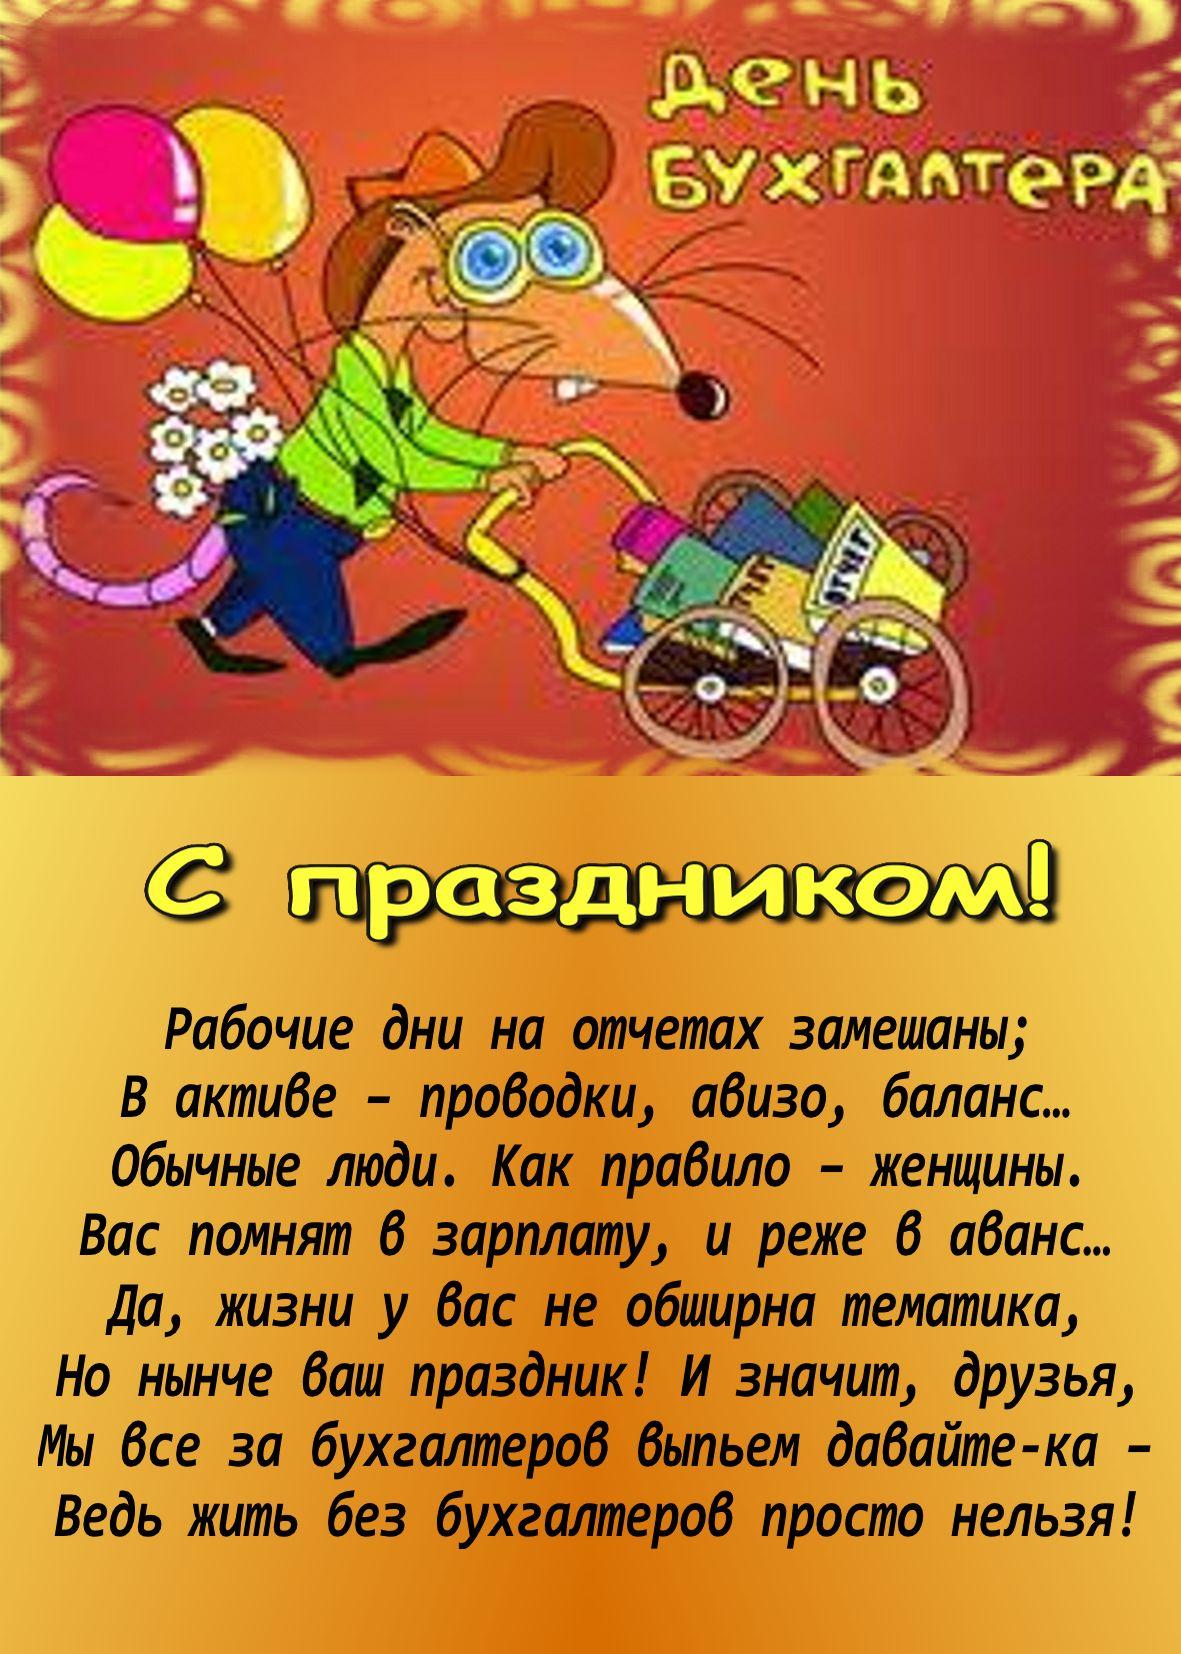 Поздравления с нём бухгалтера россии фото 30